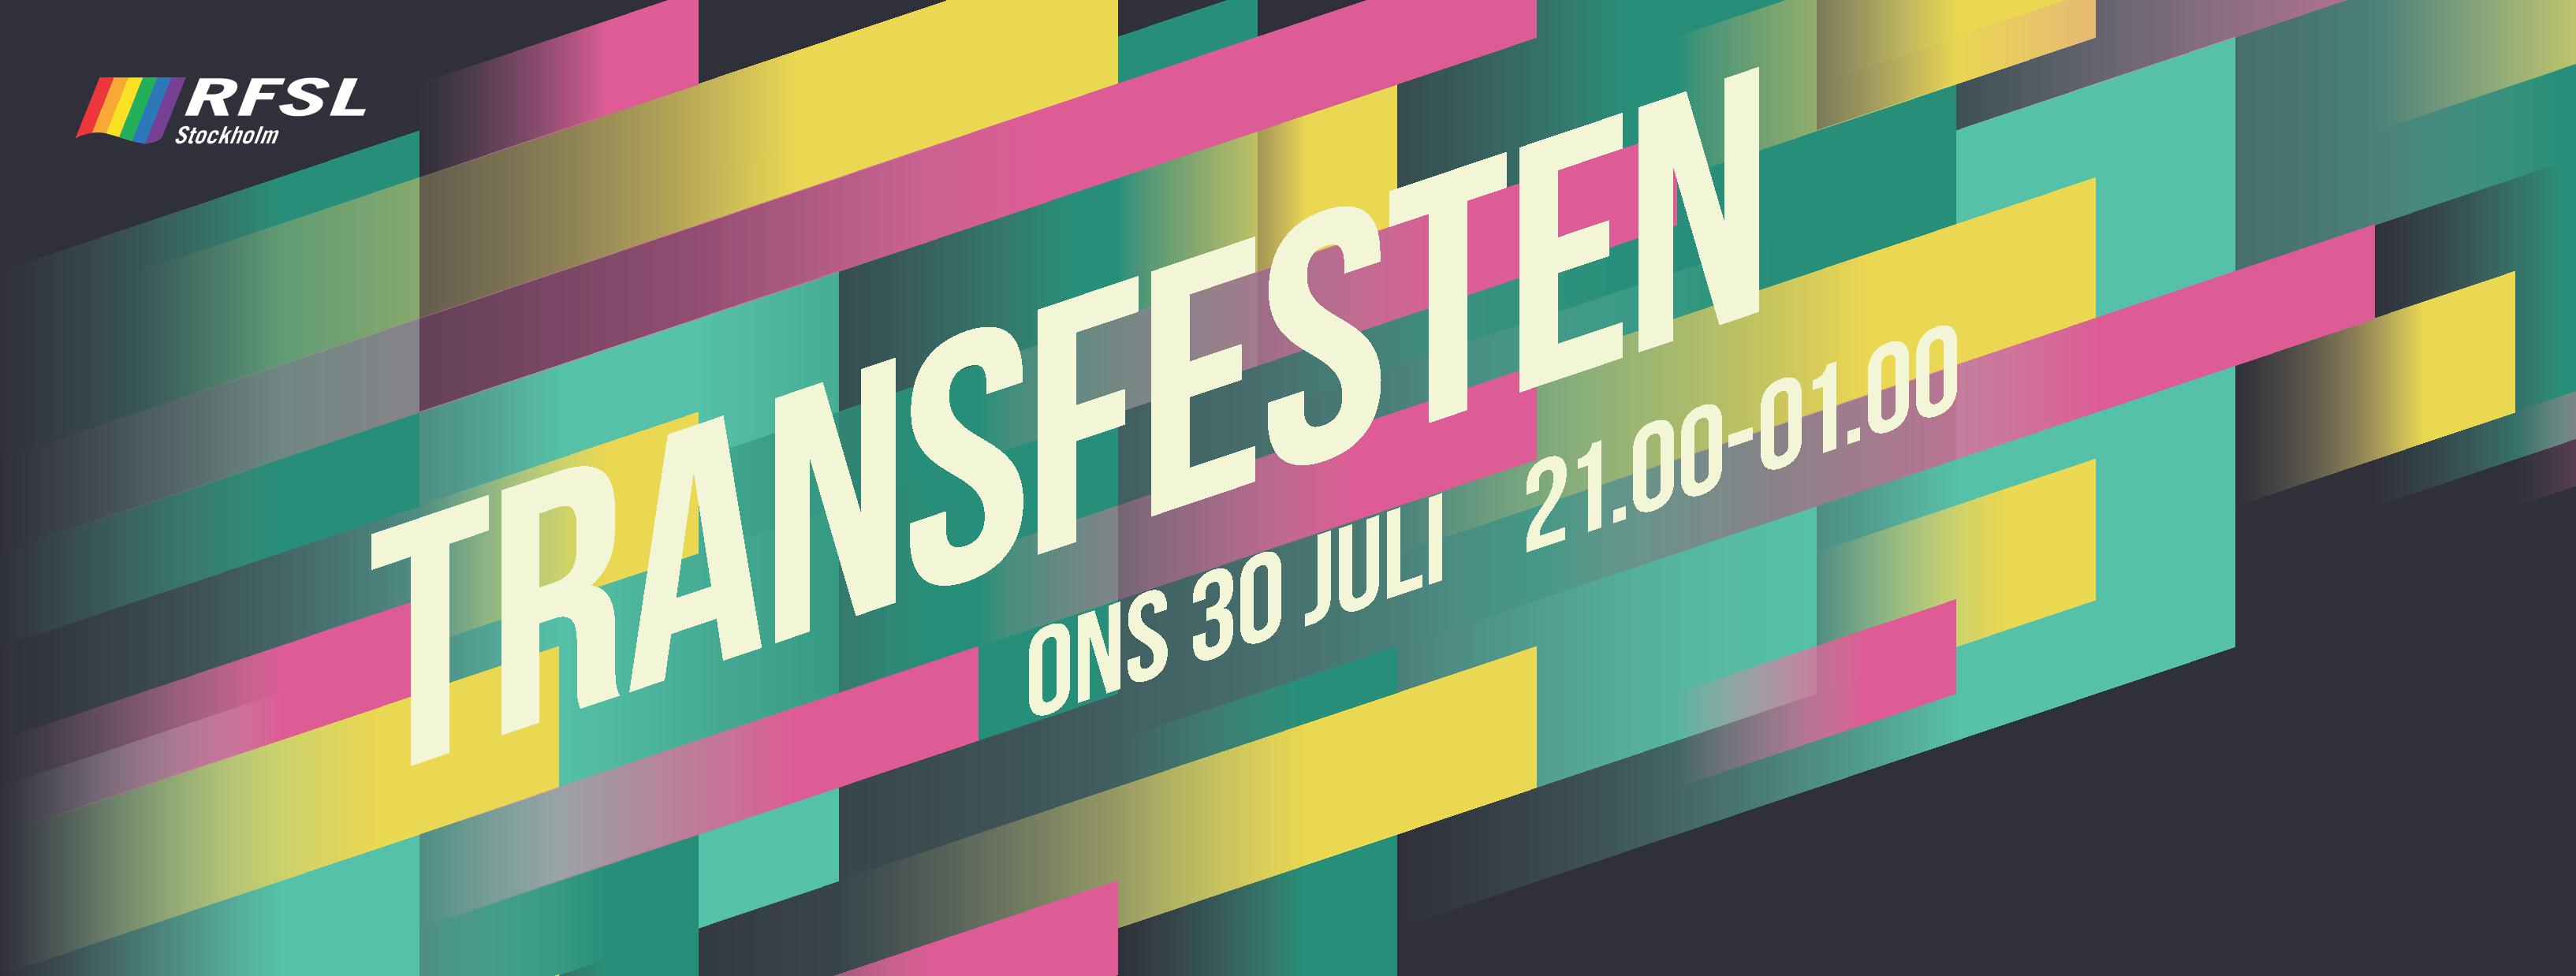 Banner_Transfesten_Version2